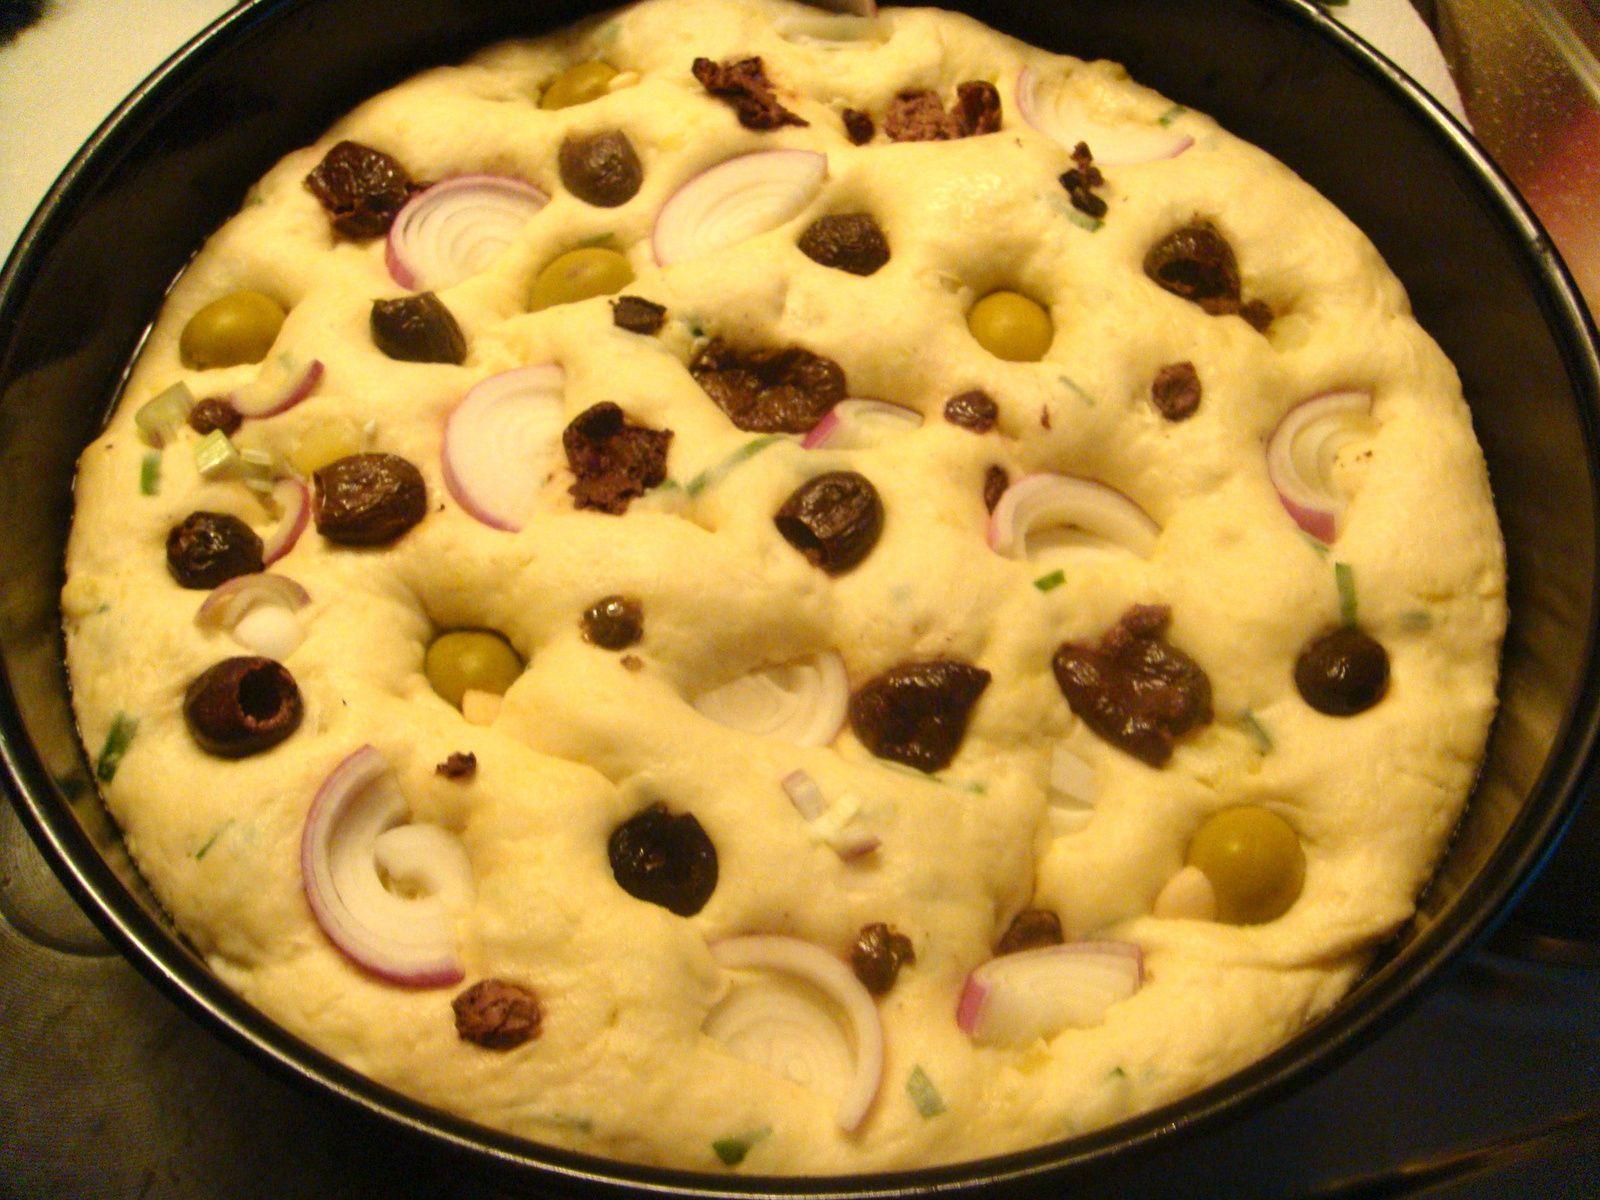 Pâton levé ;Olives noir de Nyons, oignons rouge et olives verte farcie à l'ail